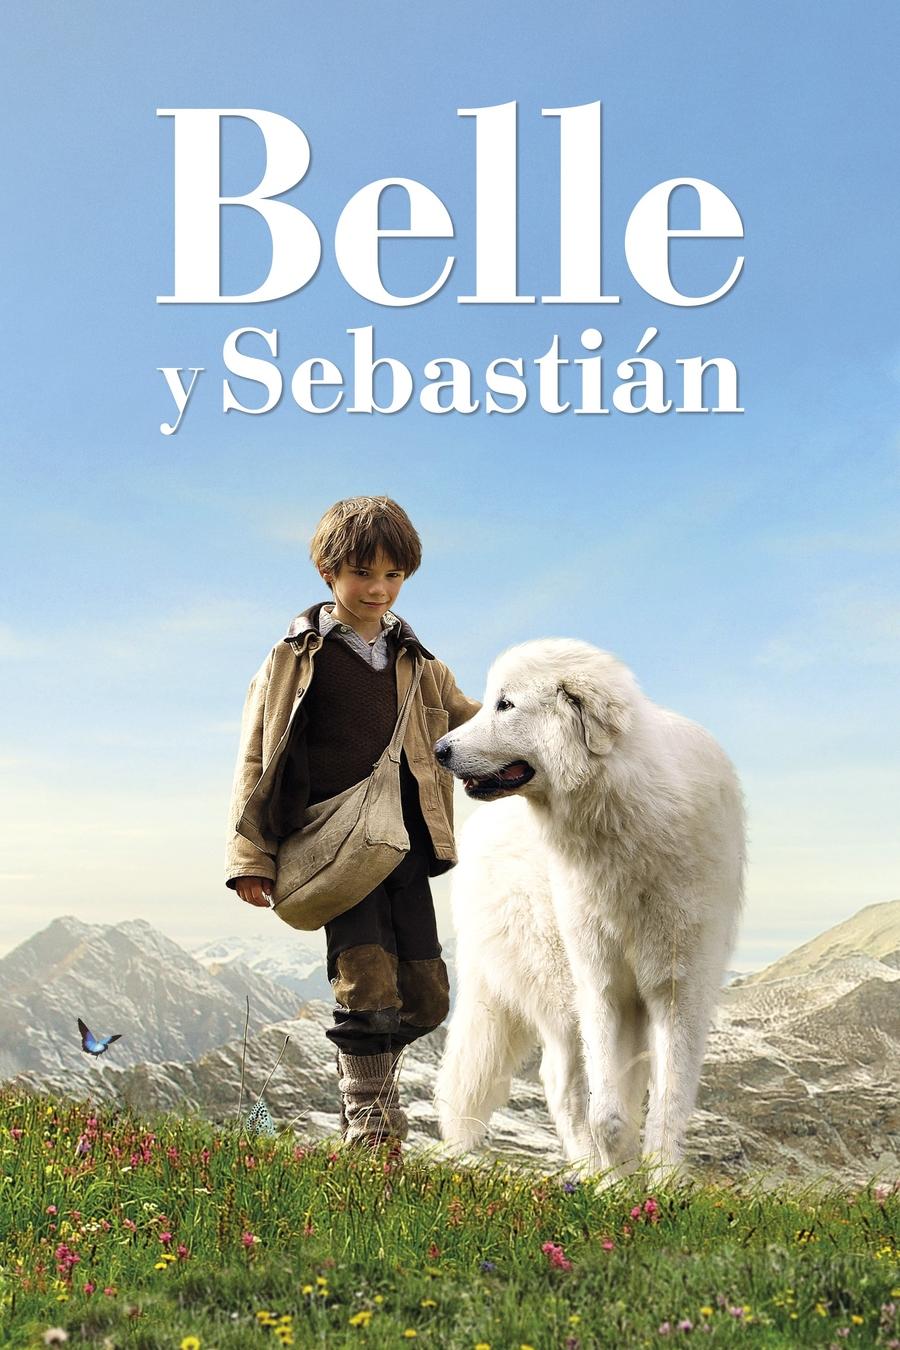 Belle Y Sebastián Ver Ahora En Filmin